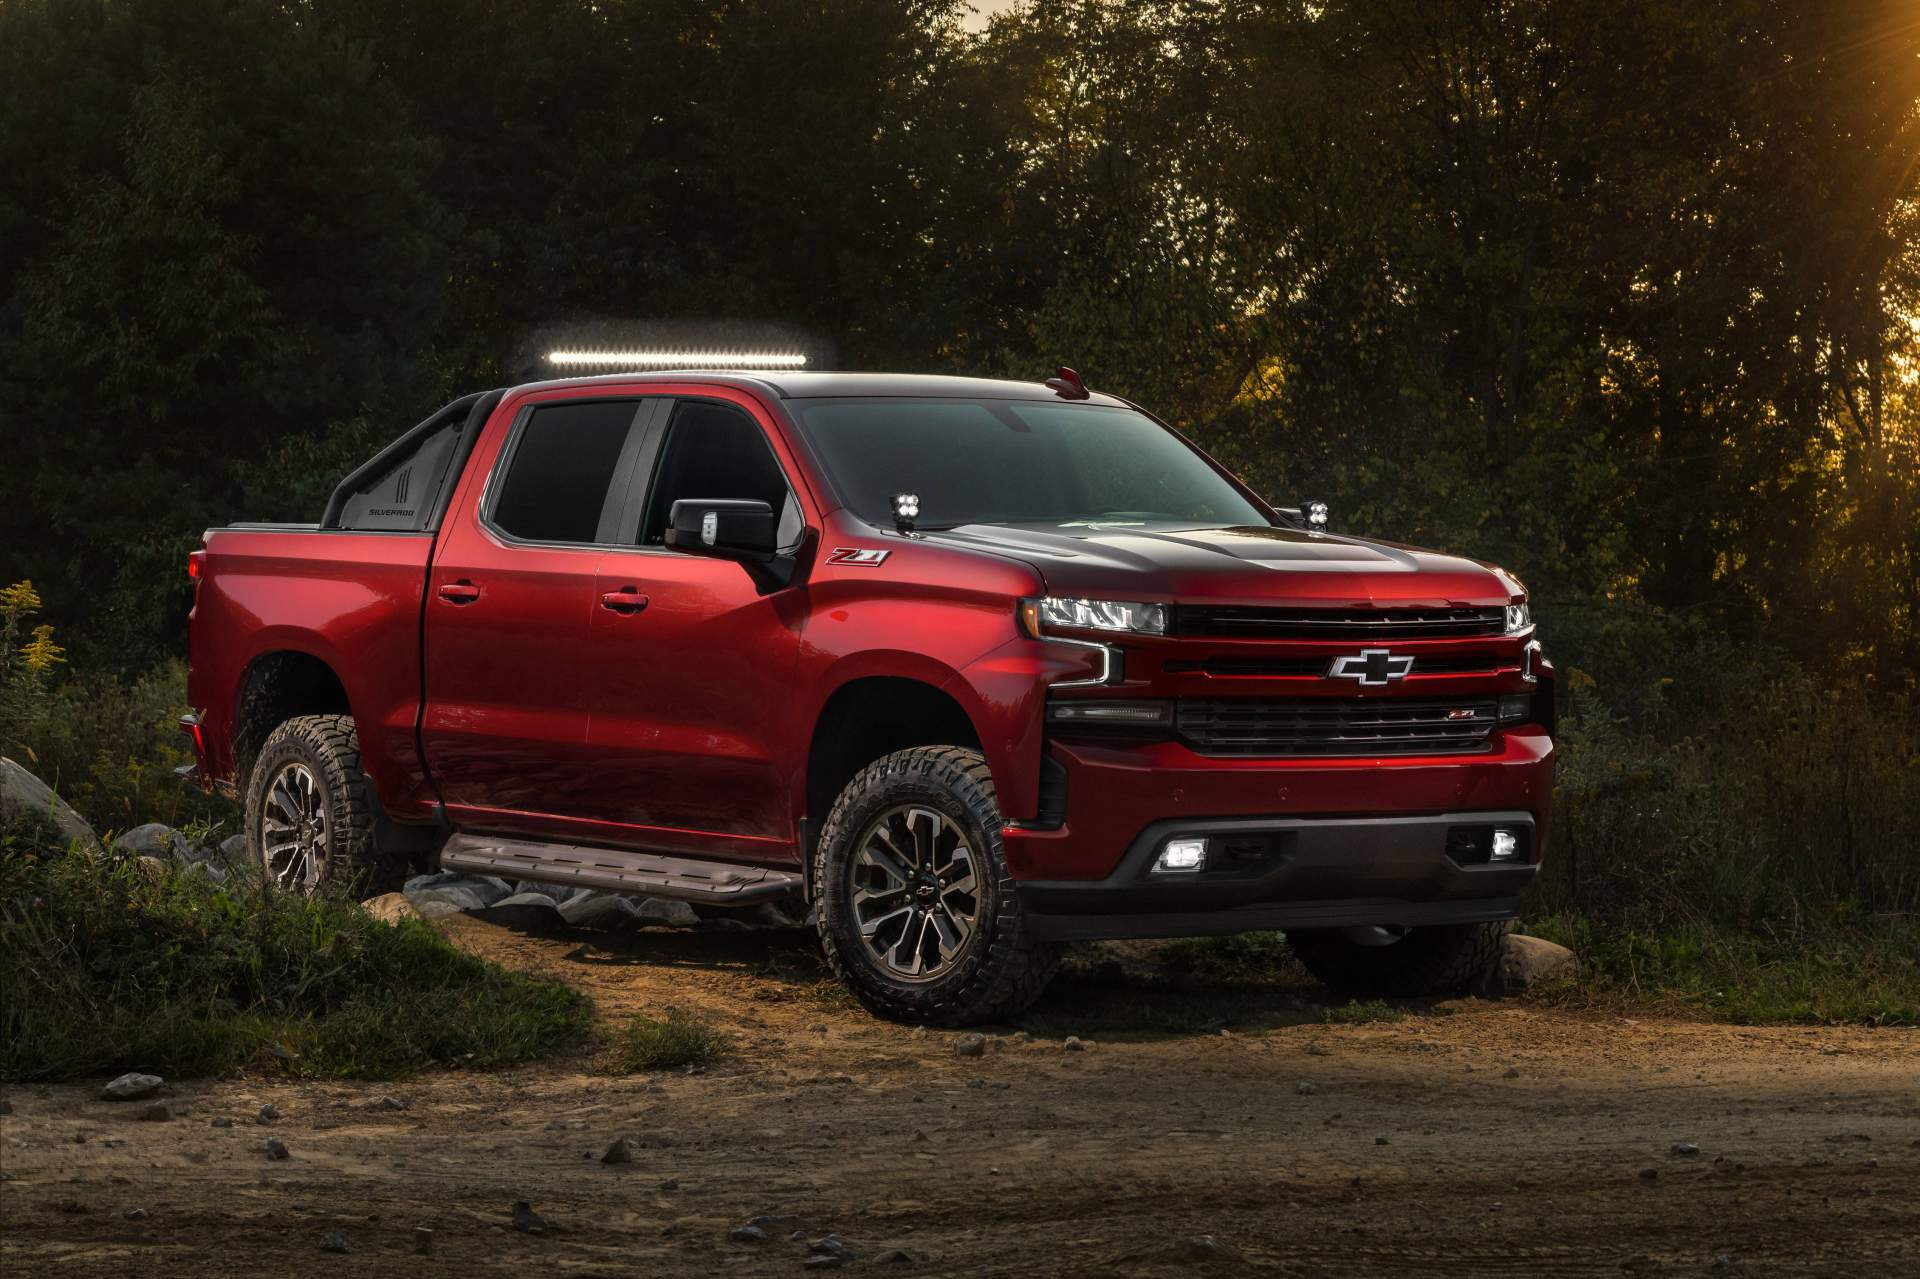 Chevrolet Tunes Four 2019 Silverado 1500 Models, Calls ...